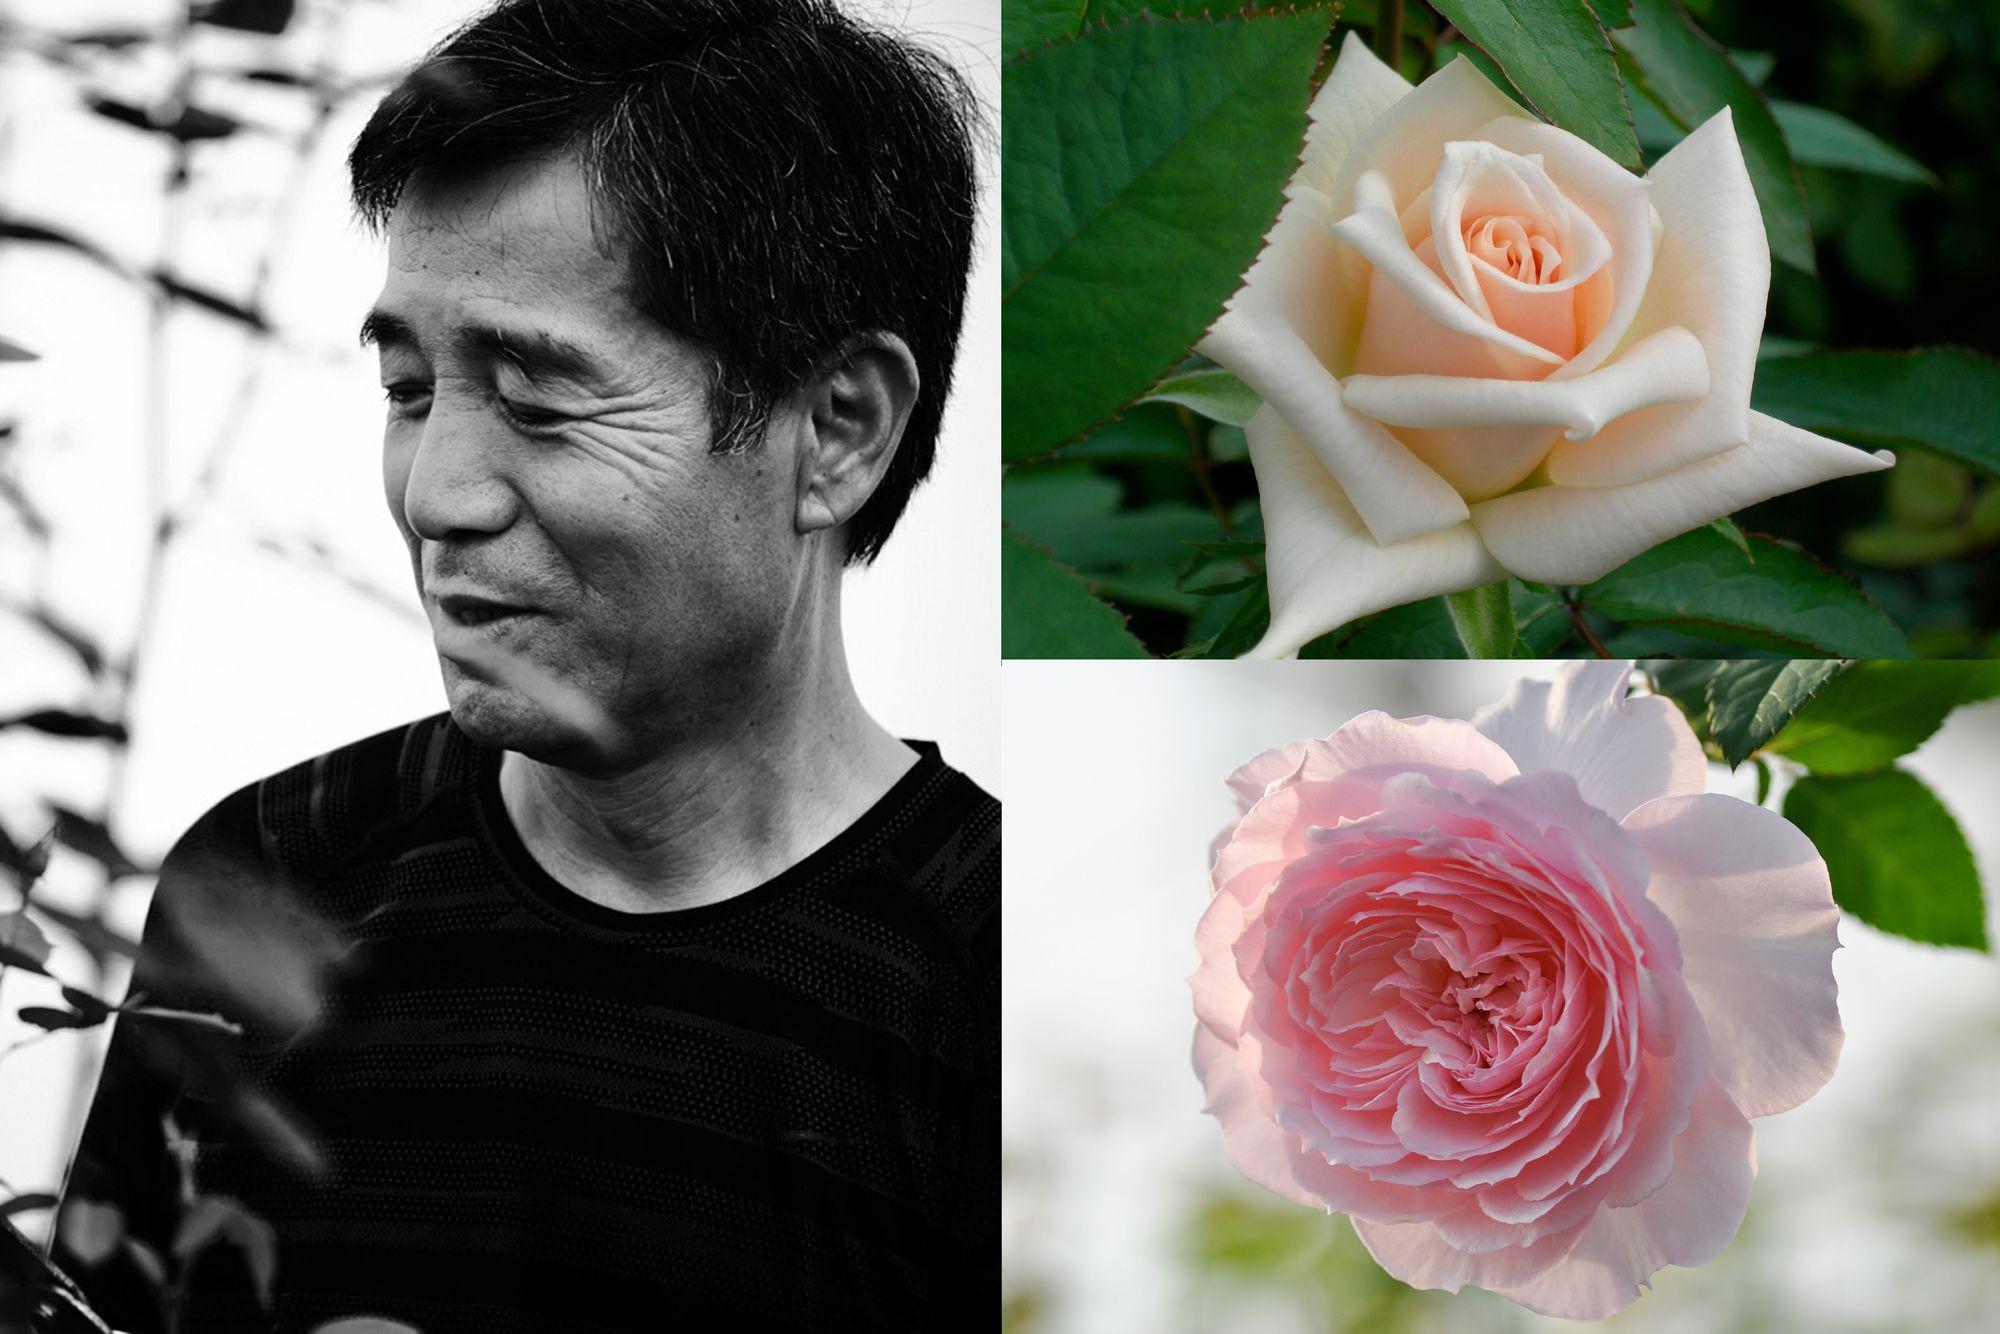 画像左:ばら作家の國枝啓司。画像右上:「プリンセスマサコ」画像右下:「美咲」